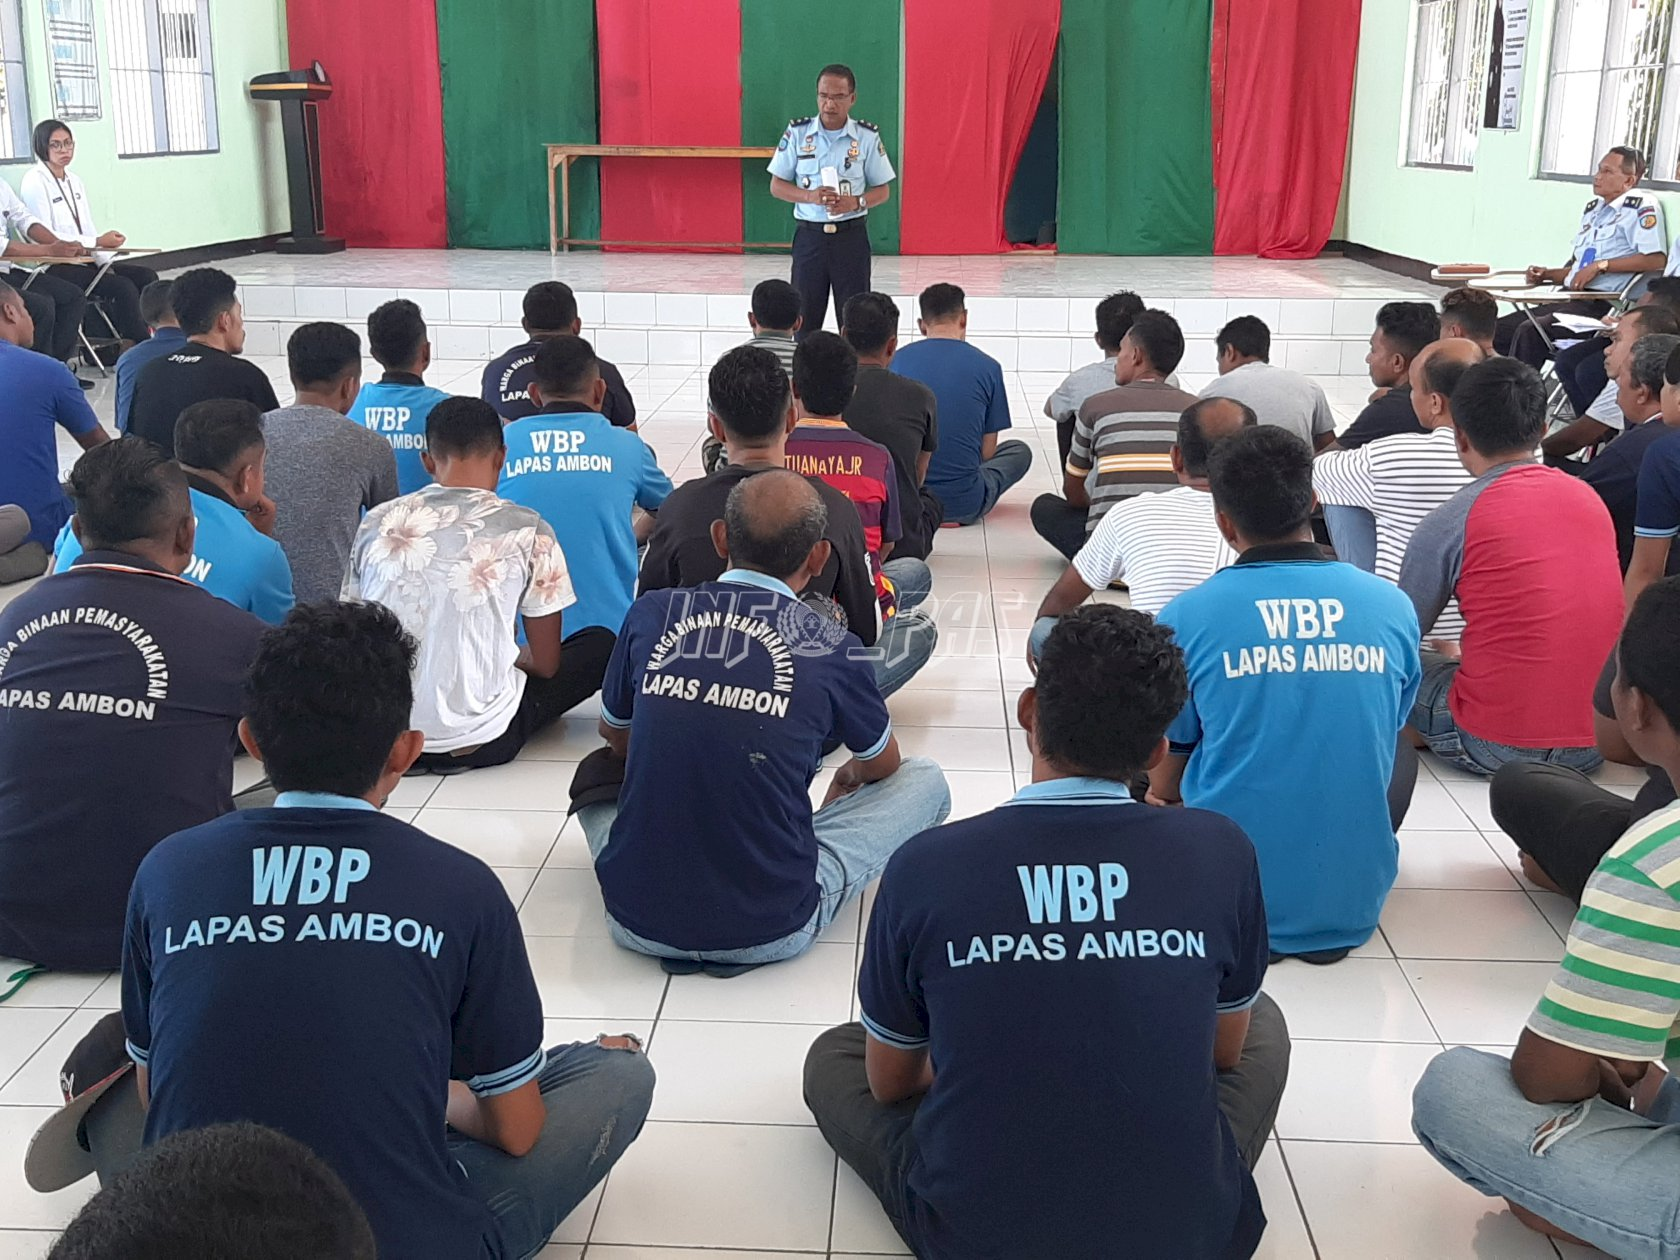 60 WBP Lapas Ambon Jalani Asesmen Program Rehabilitasi Narkotika